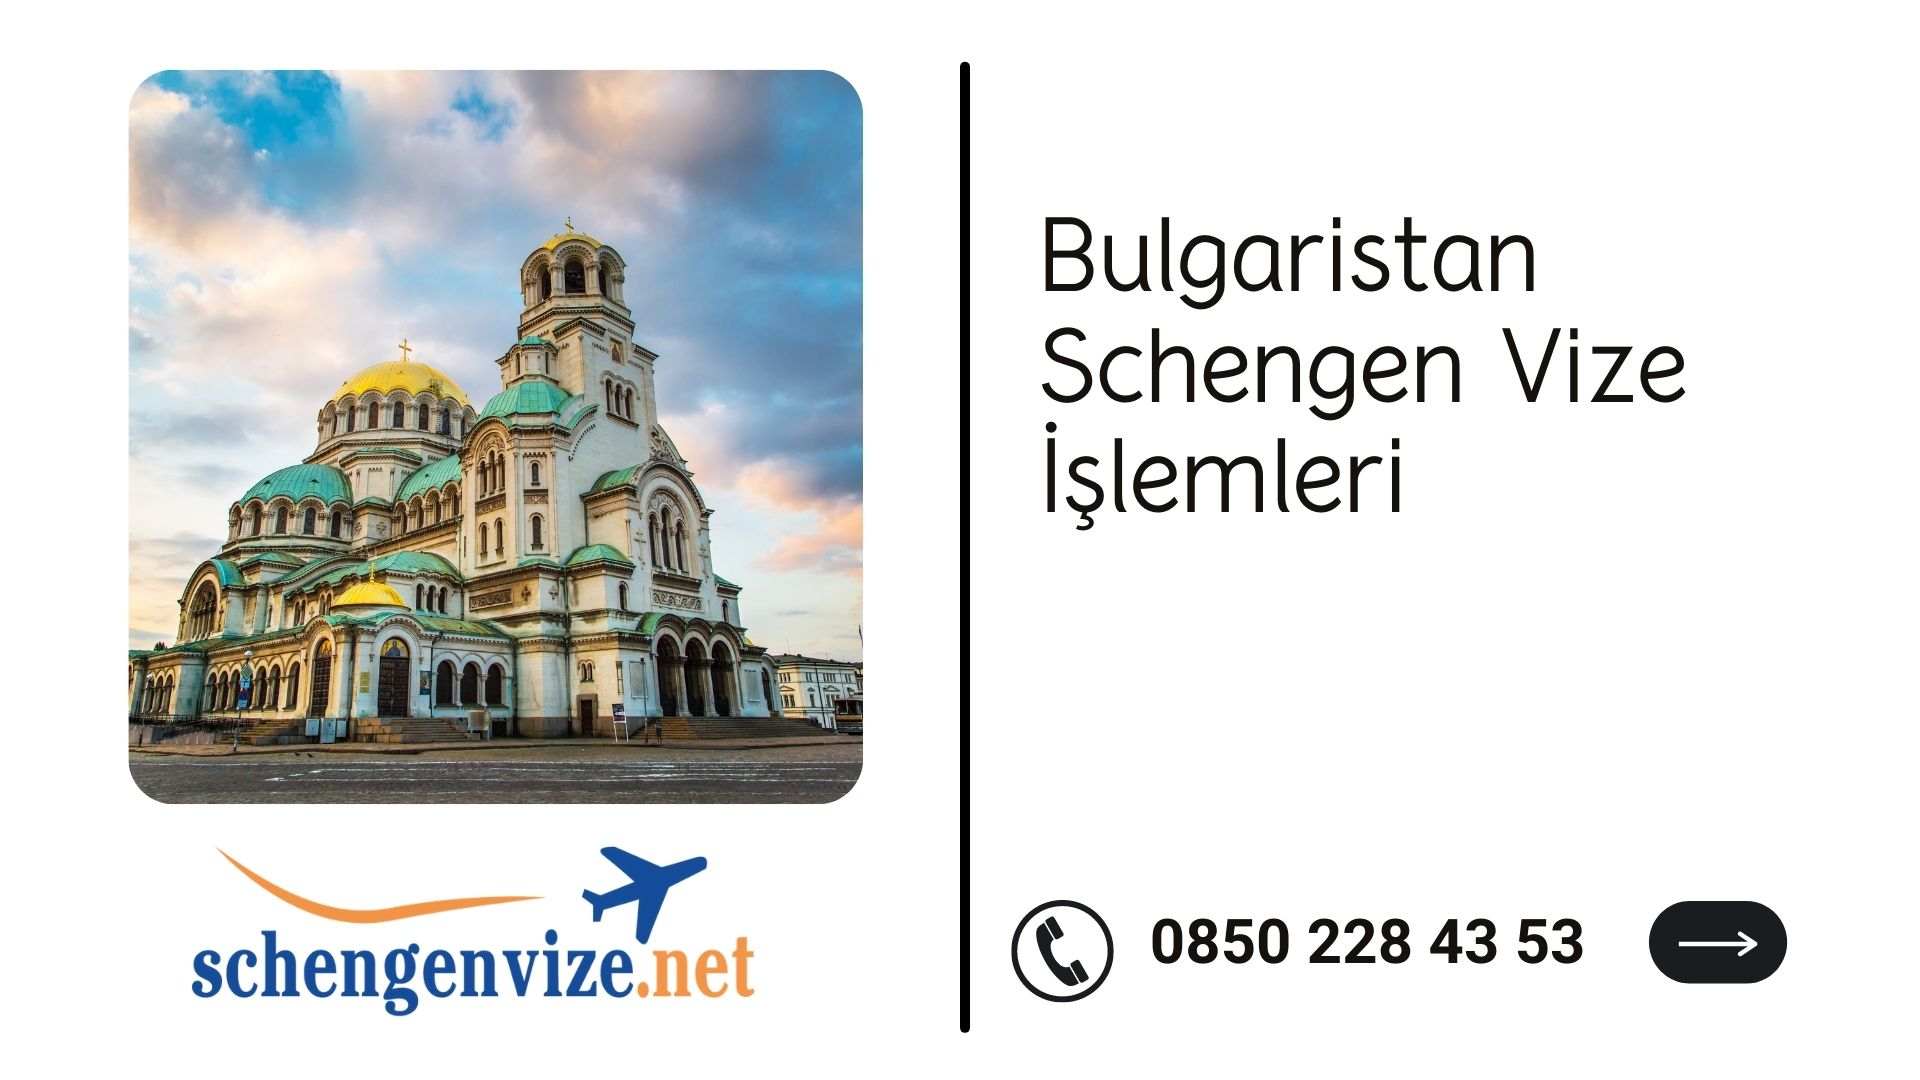 Bulgaristan Schengen Vize İşlemleri